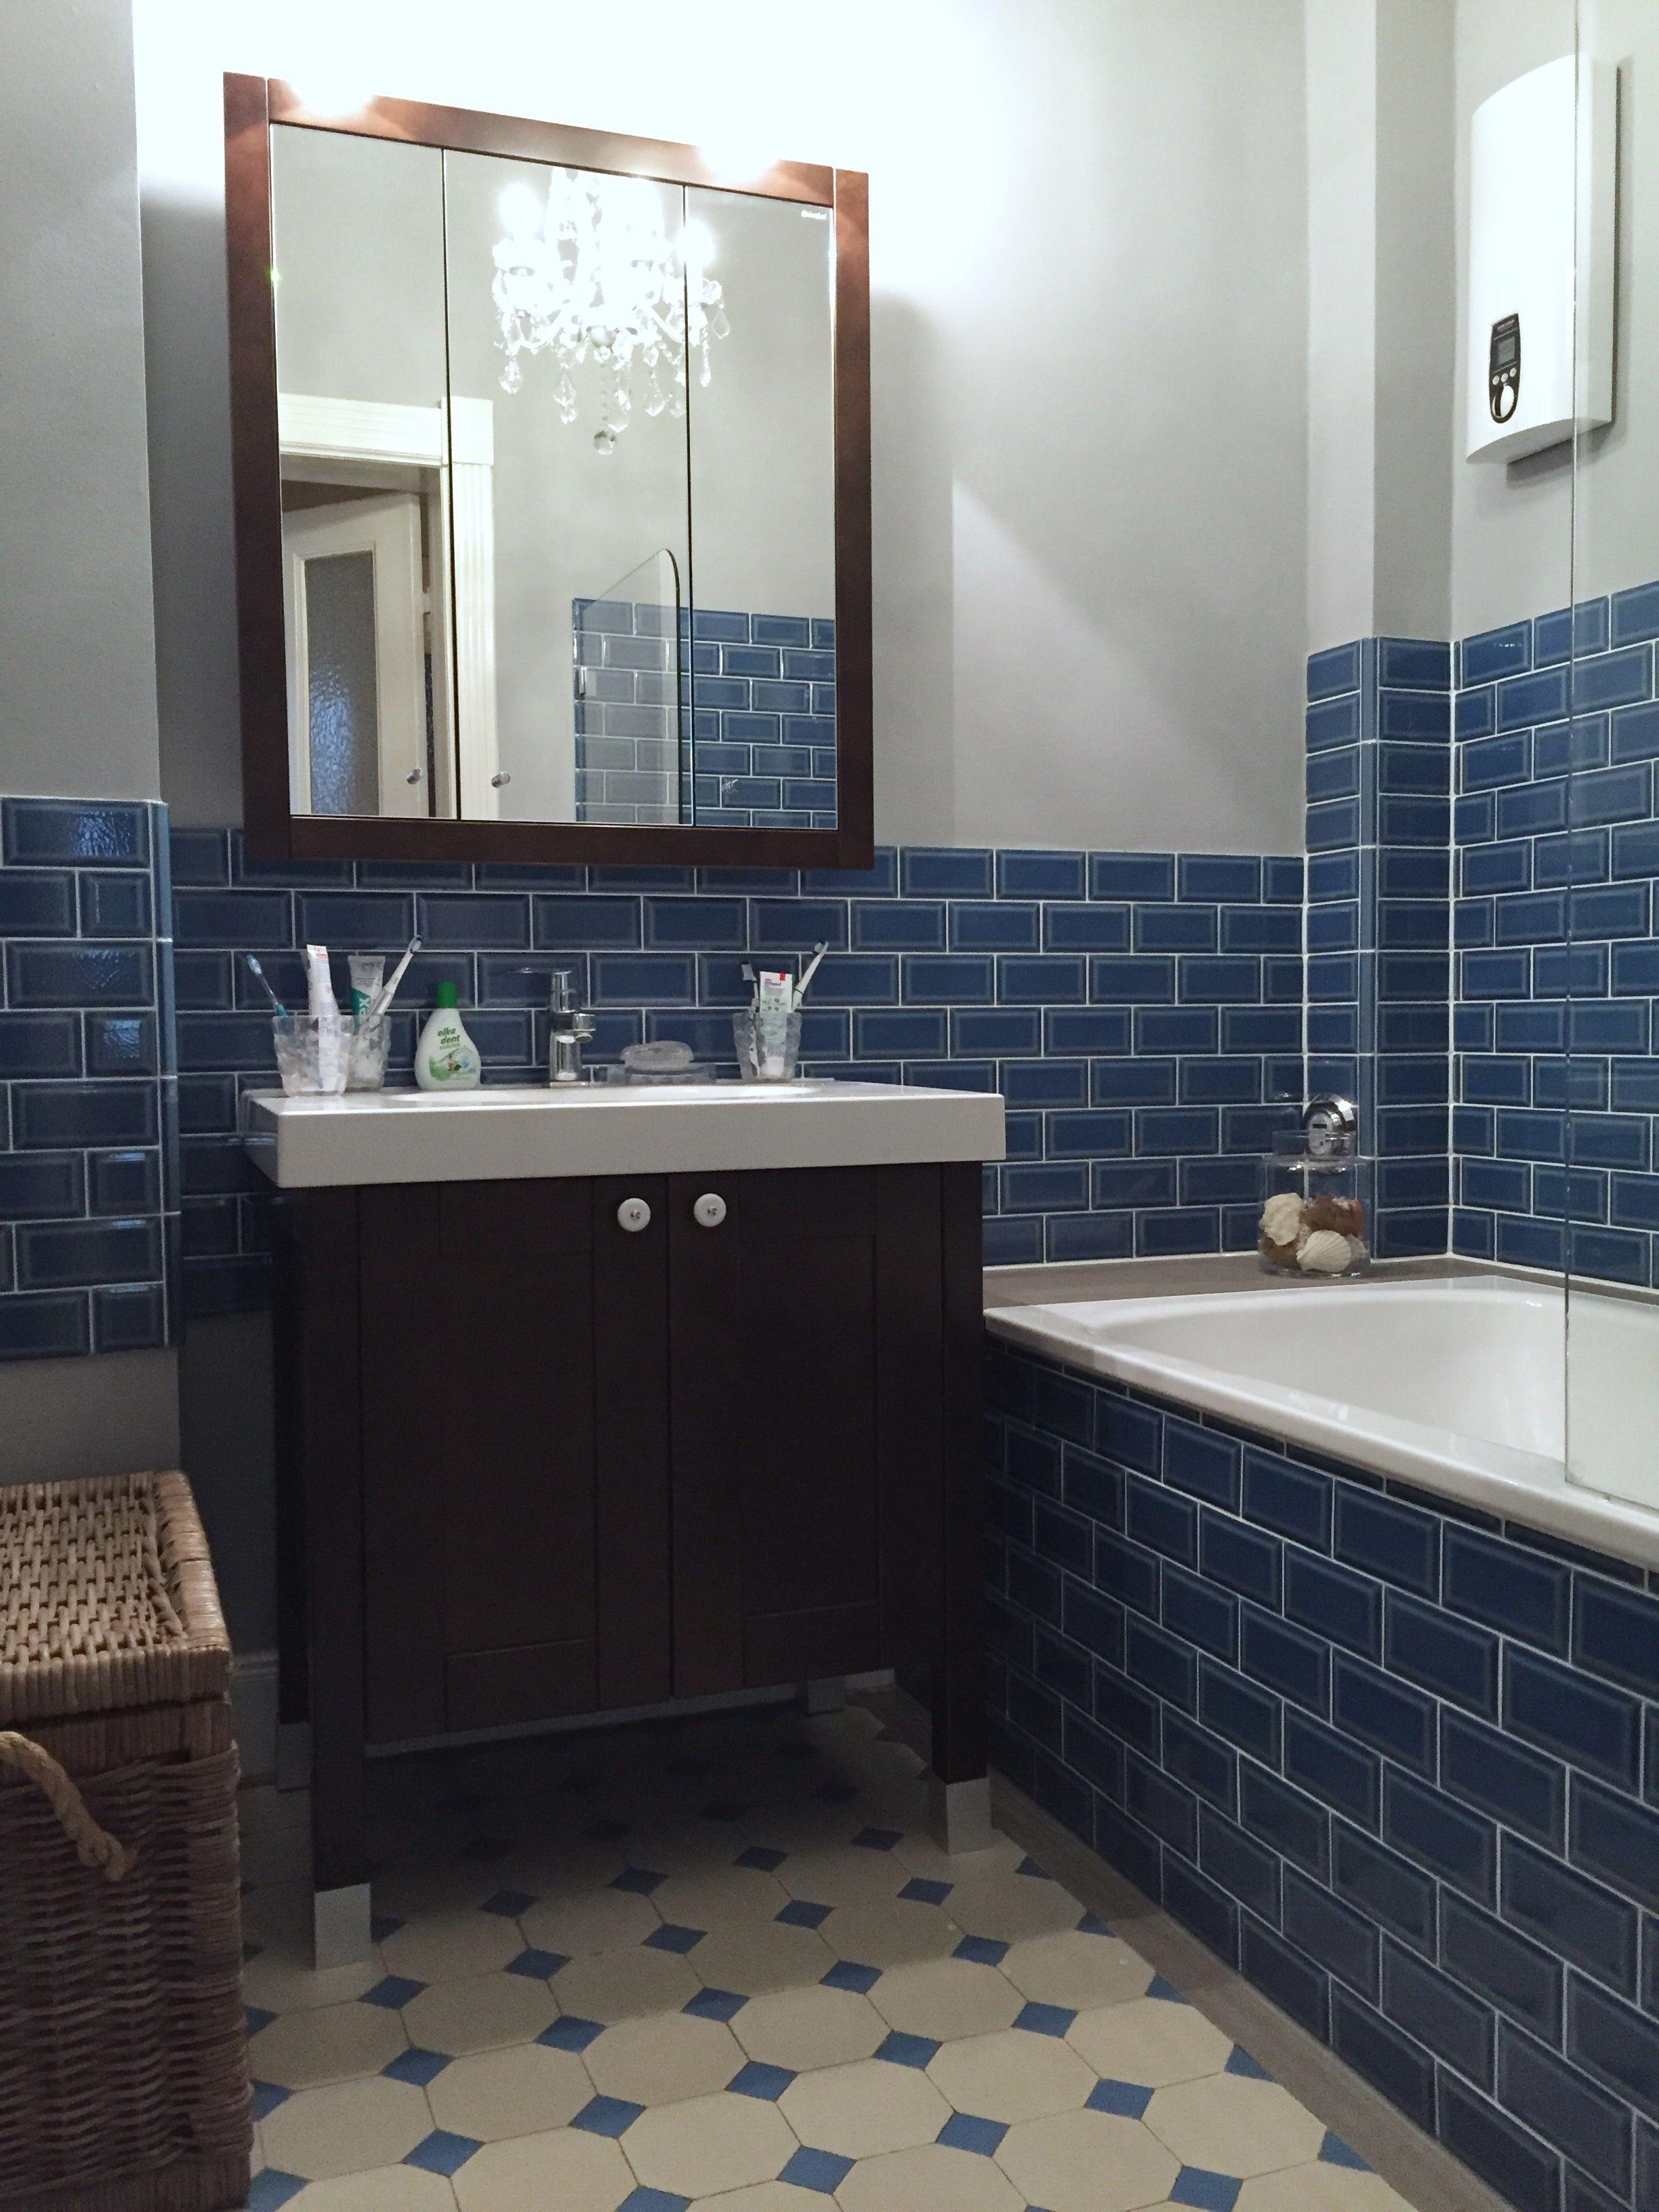 Blaue Badmöbel minibad nach sanierung blaue metrofliesen adex dunkelbraune